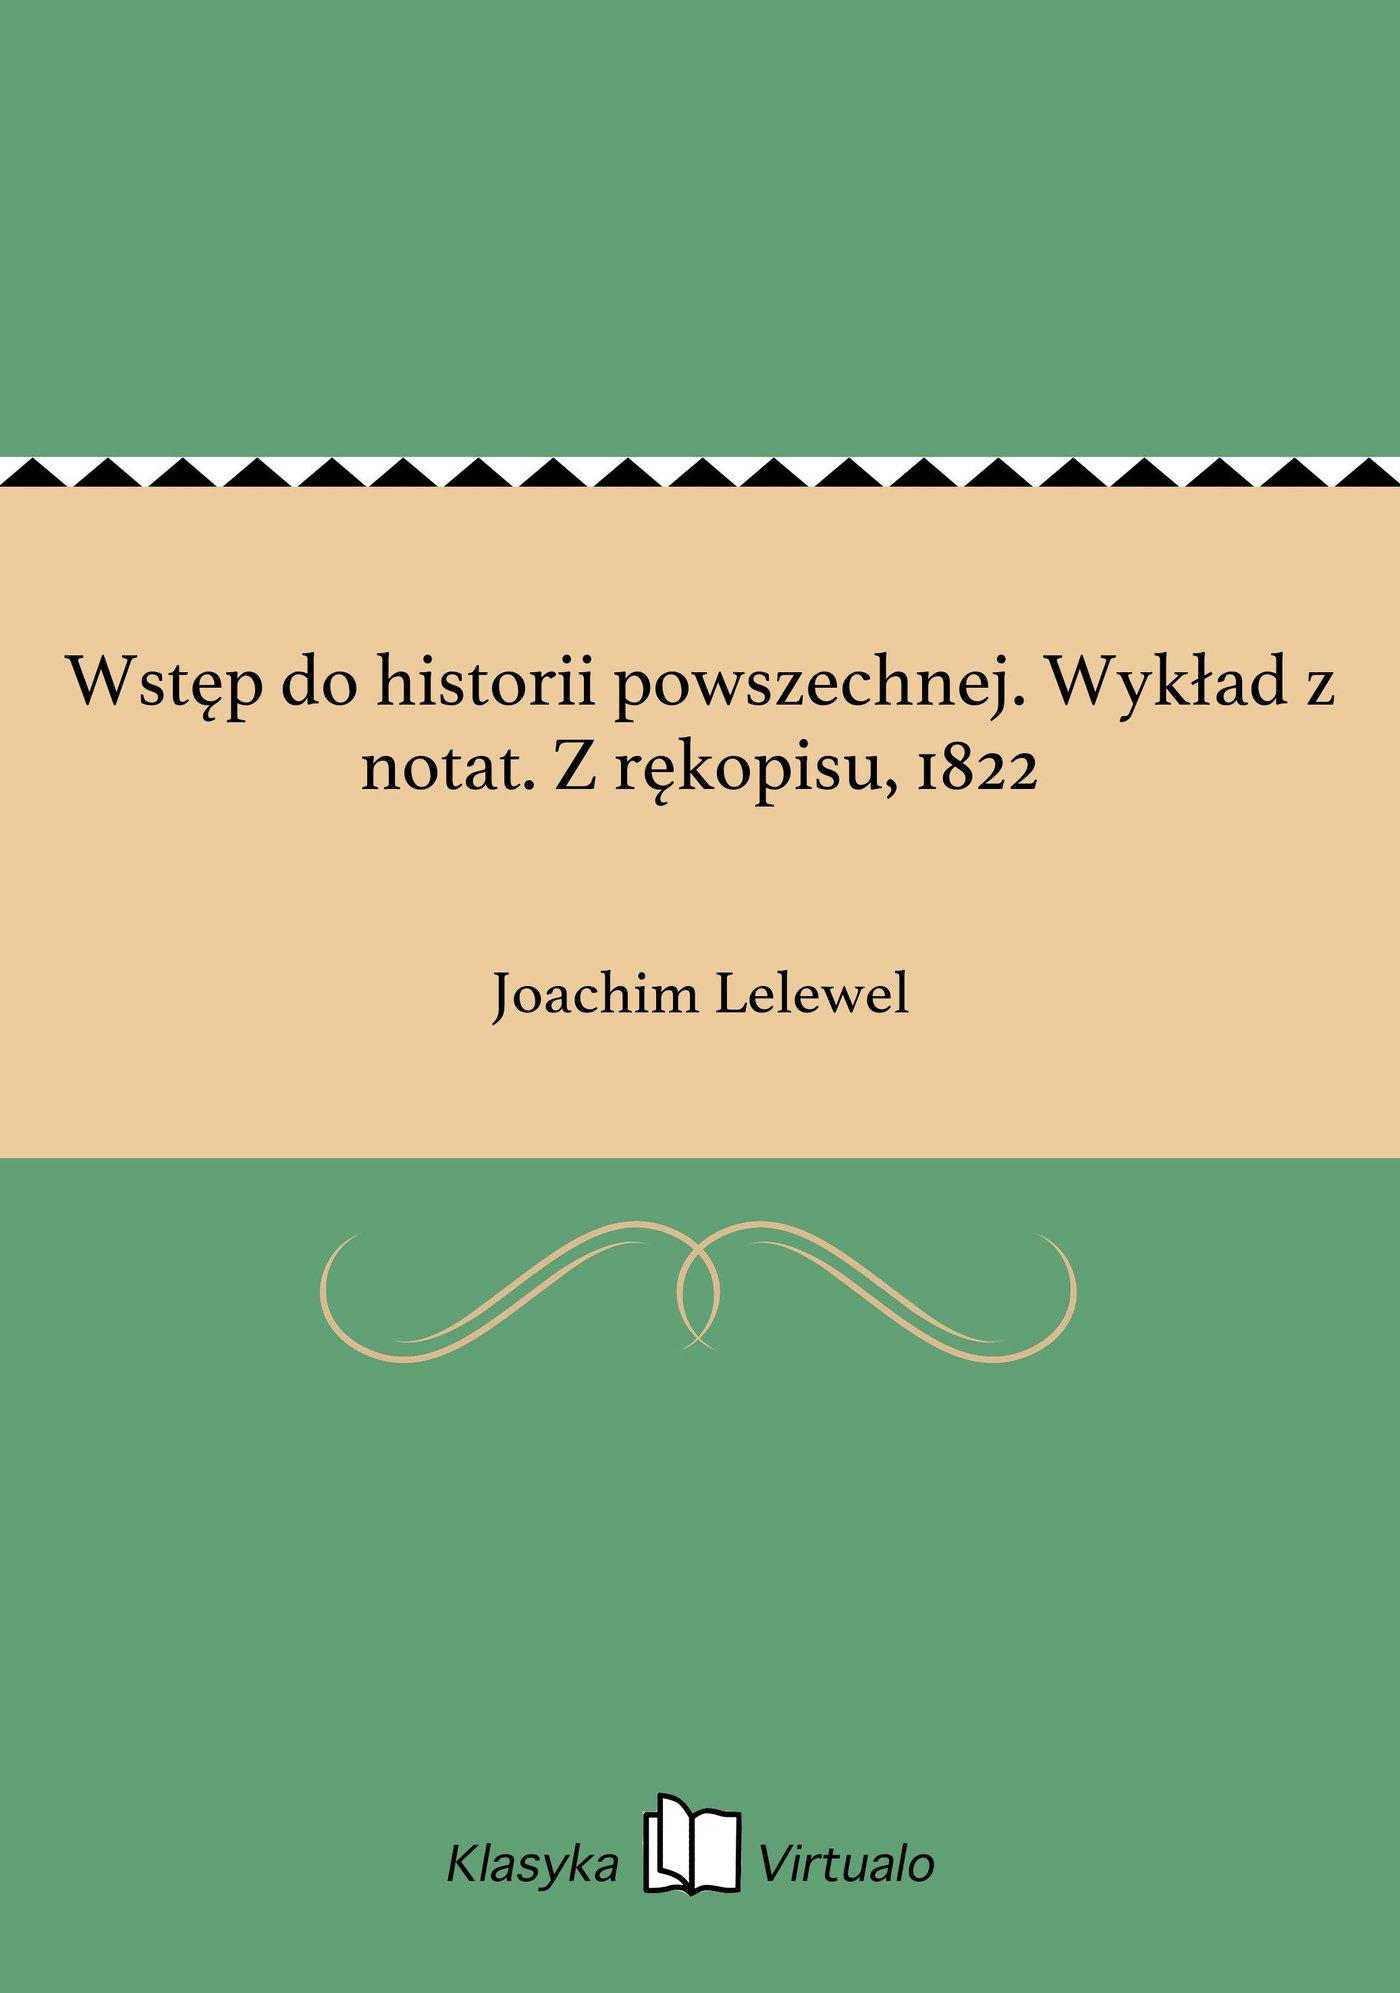 Wstęp do historii powszechnej. Wykład z notat. Z rękopisu, 1822 - Ebook (Książka na Kindle) do pobrania w formacie MOBI